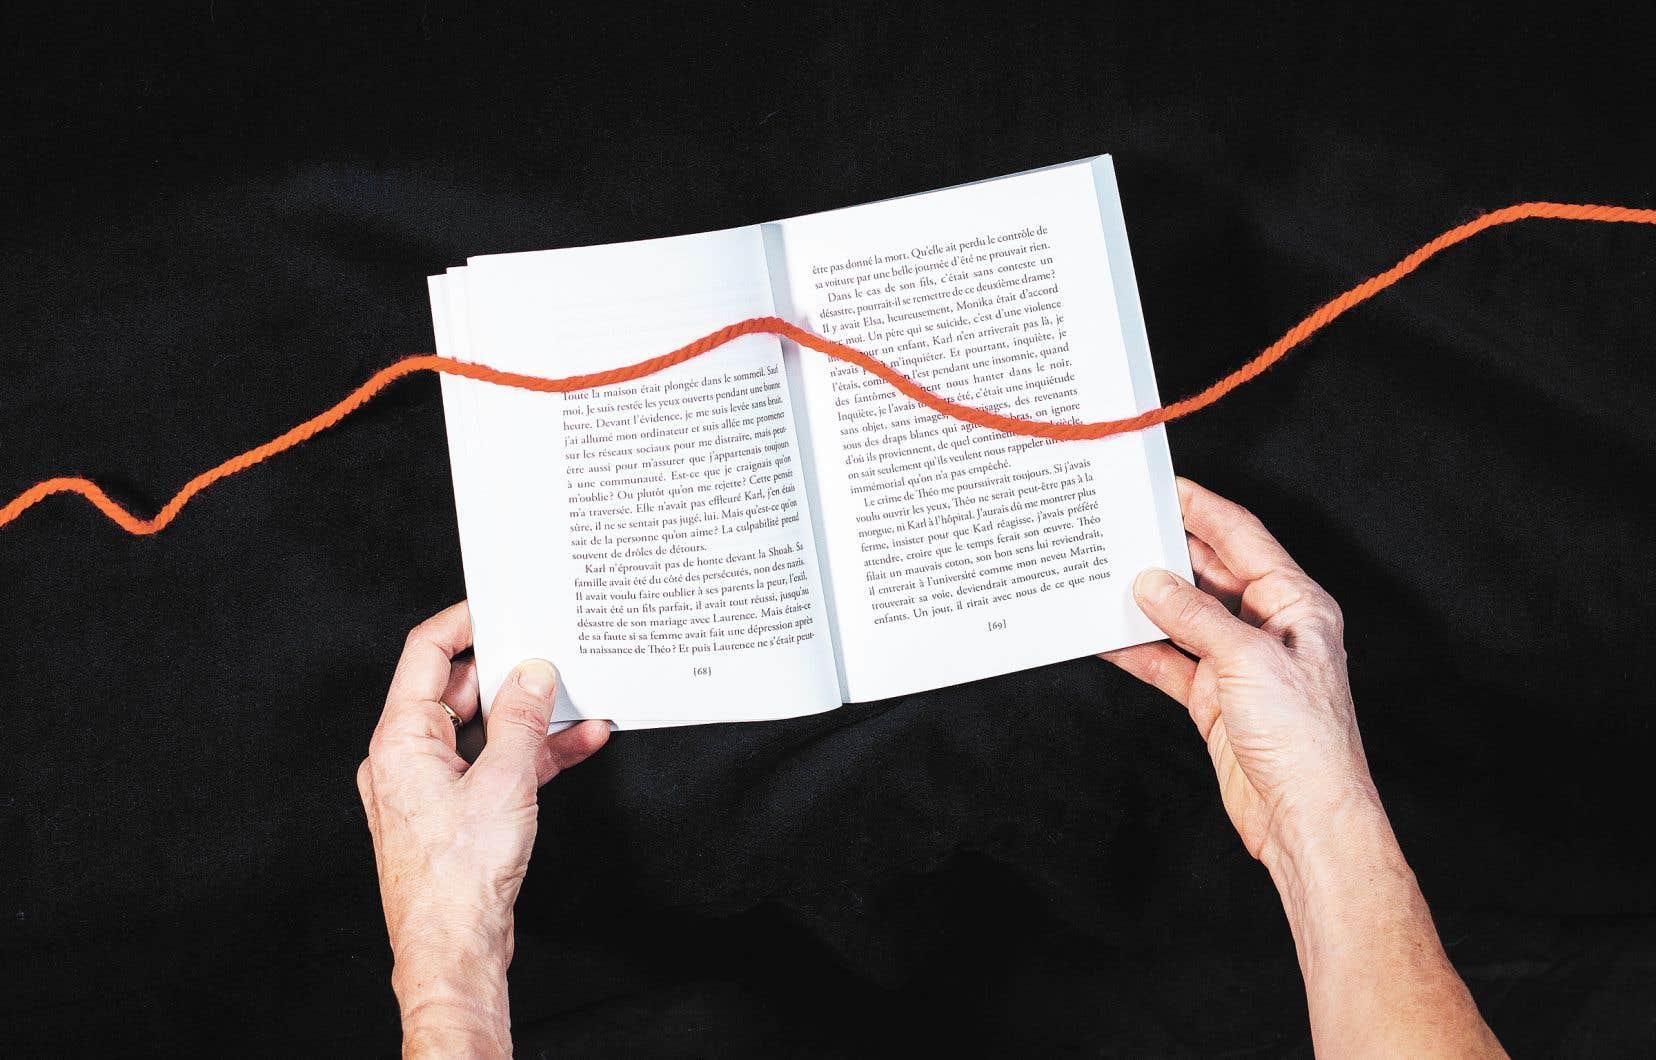 Entre le 11mars et le 31octobre, les ventes de livres ont augmenté de 9% par rapport à l'année dernière, selon les données récoltées par la Société de gestion de la Banque des titres de langue francophone.